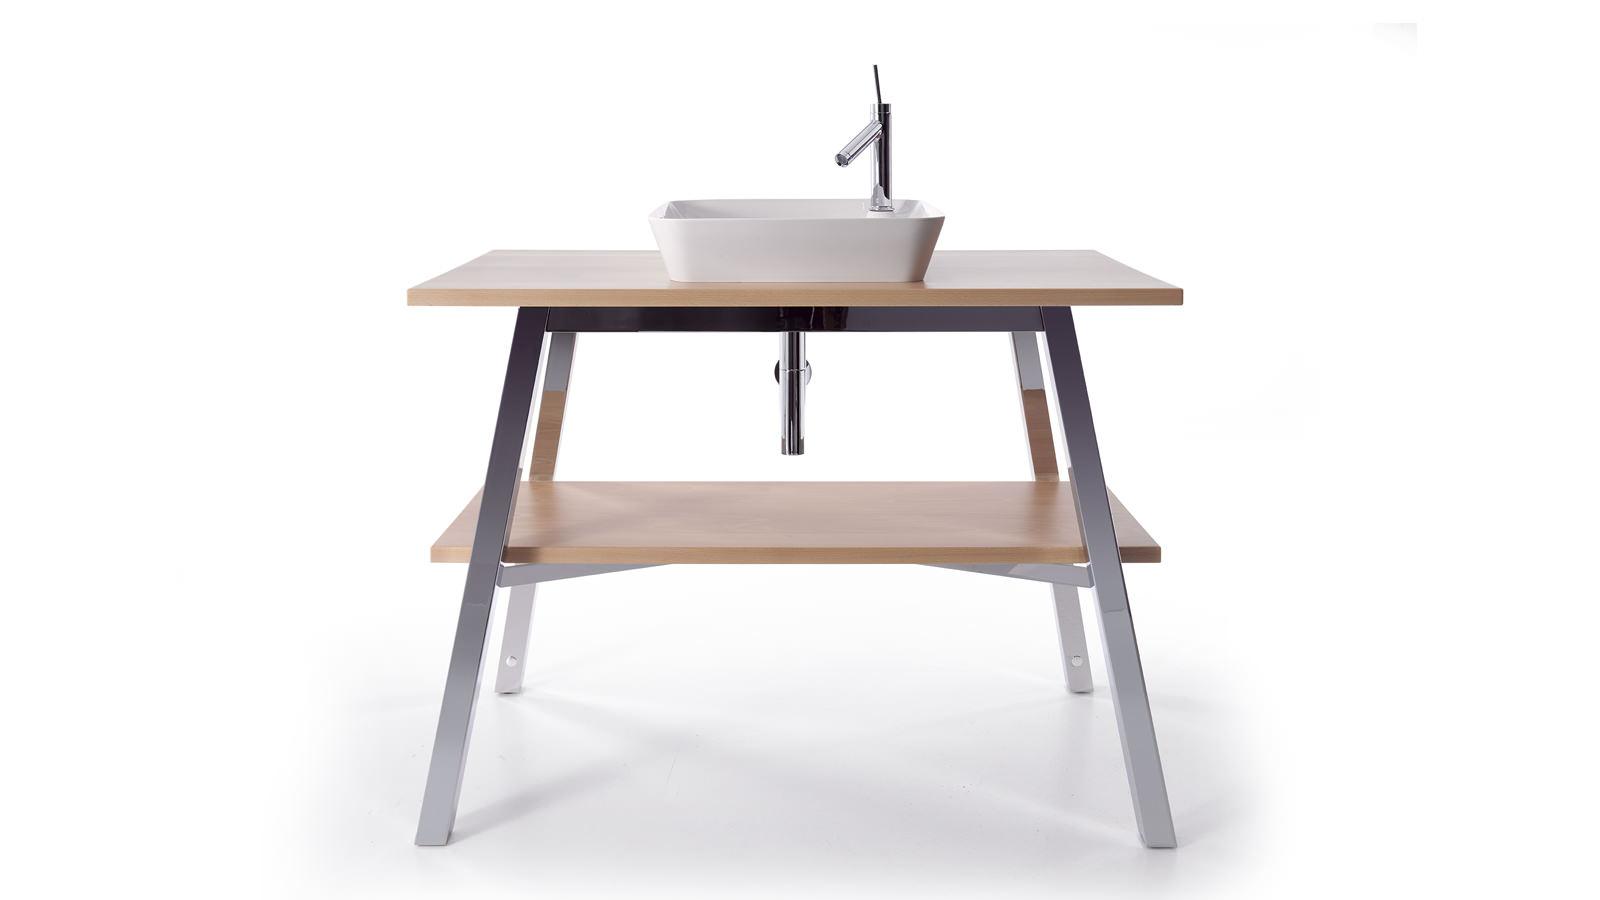 Duravit Cape Cod Floor Standing Furniture Unit Cc953208181